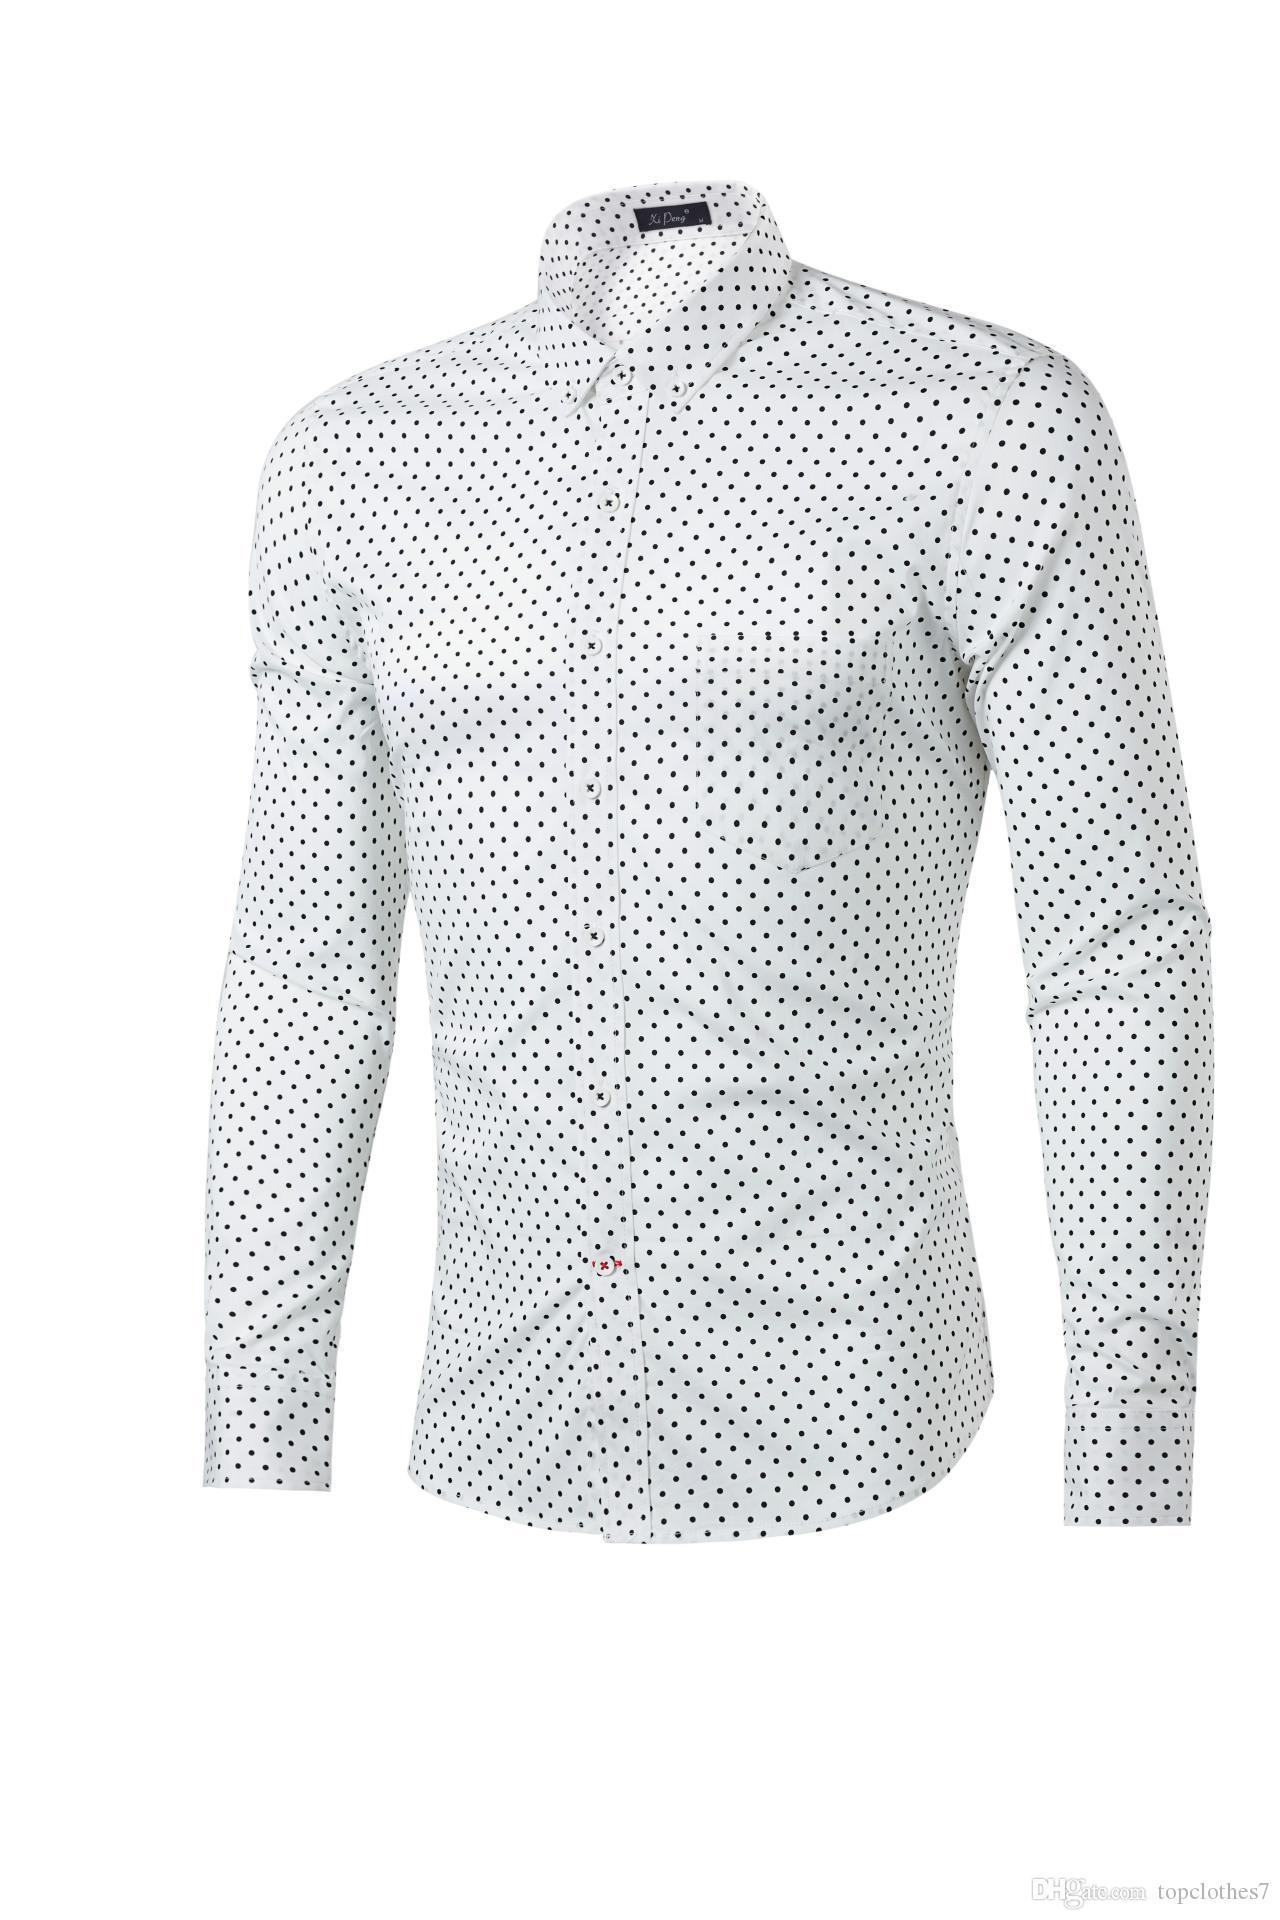 Горячие продажа рубашки Мужские горячие продажа роскошные стильные повседневные дизайнерские платья горошек рубашка мышцы подходят рубашки